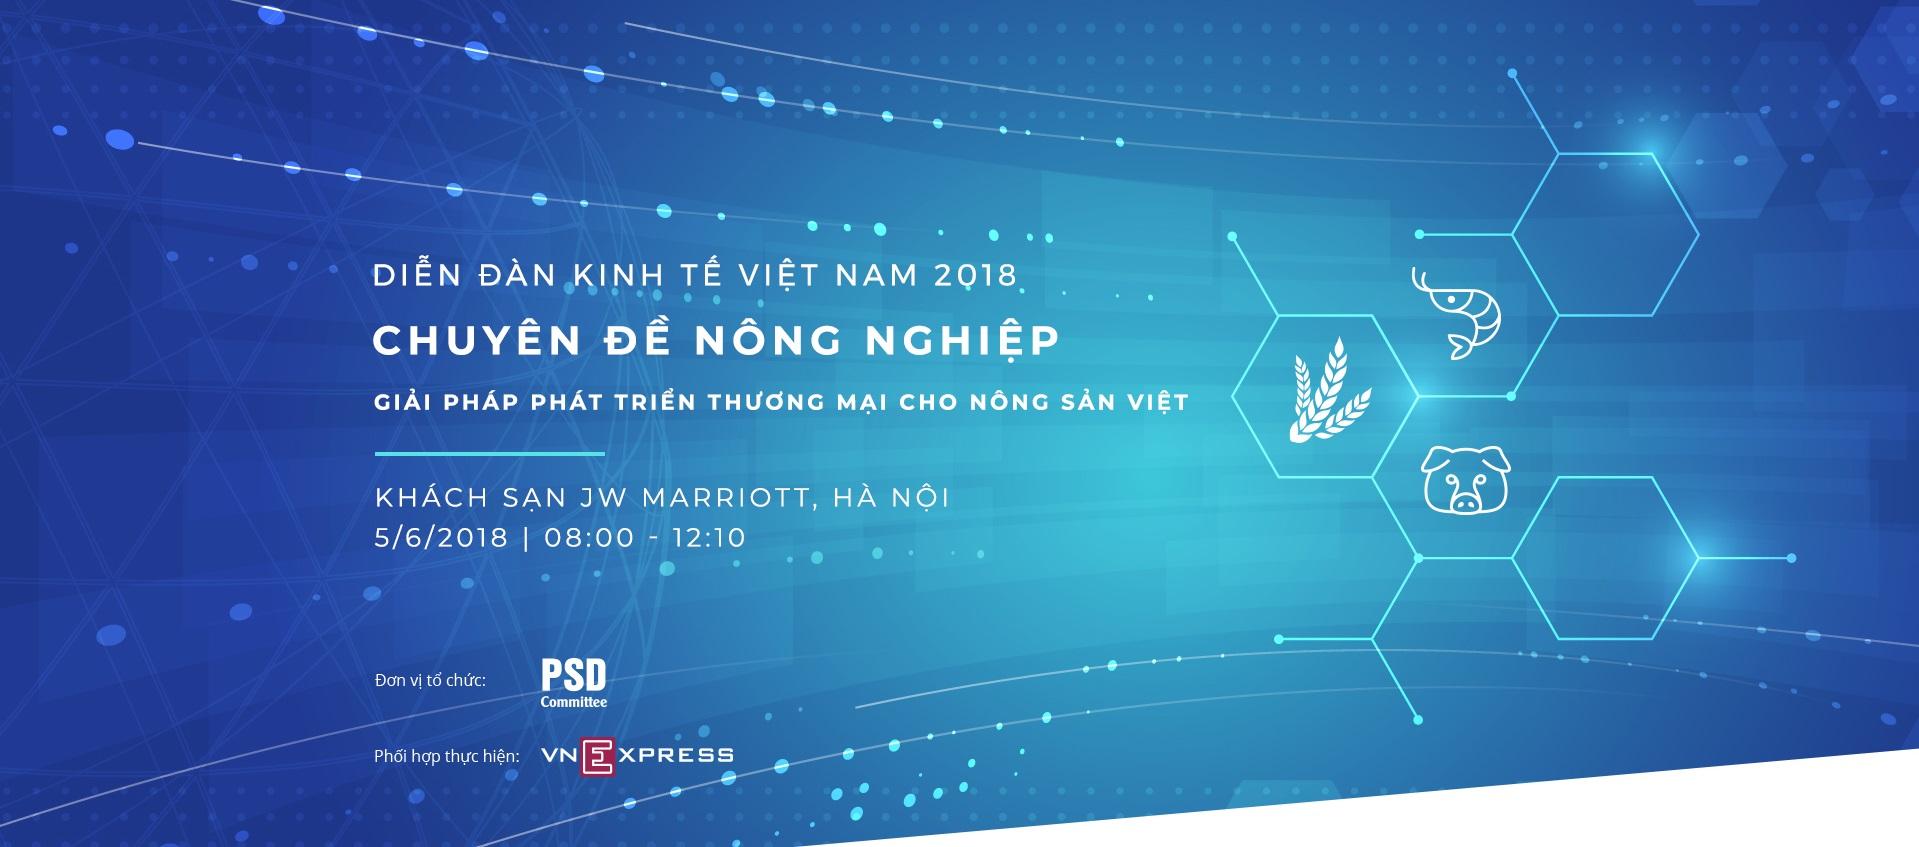 Diễn đàn Kinh tế Việt Nam chuyên đề Nông nghiệp